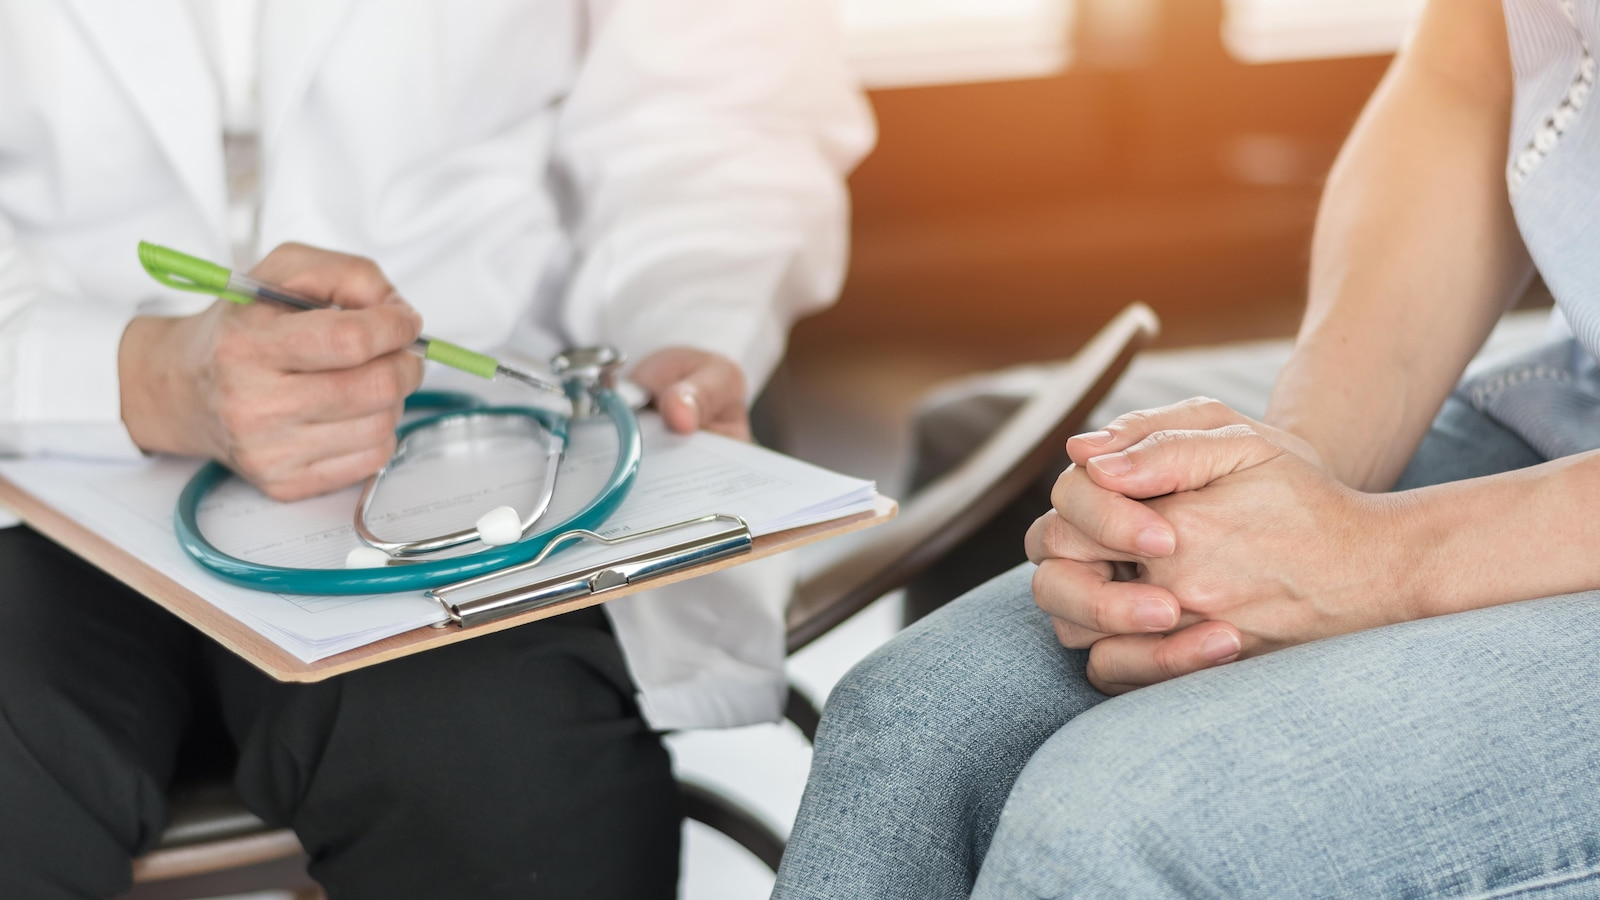 Une femme consulte un médecin, qui prend des notes.